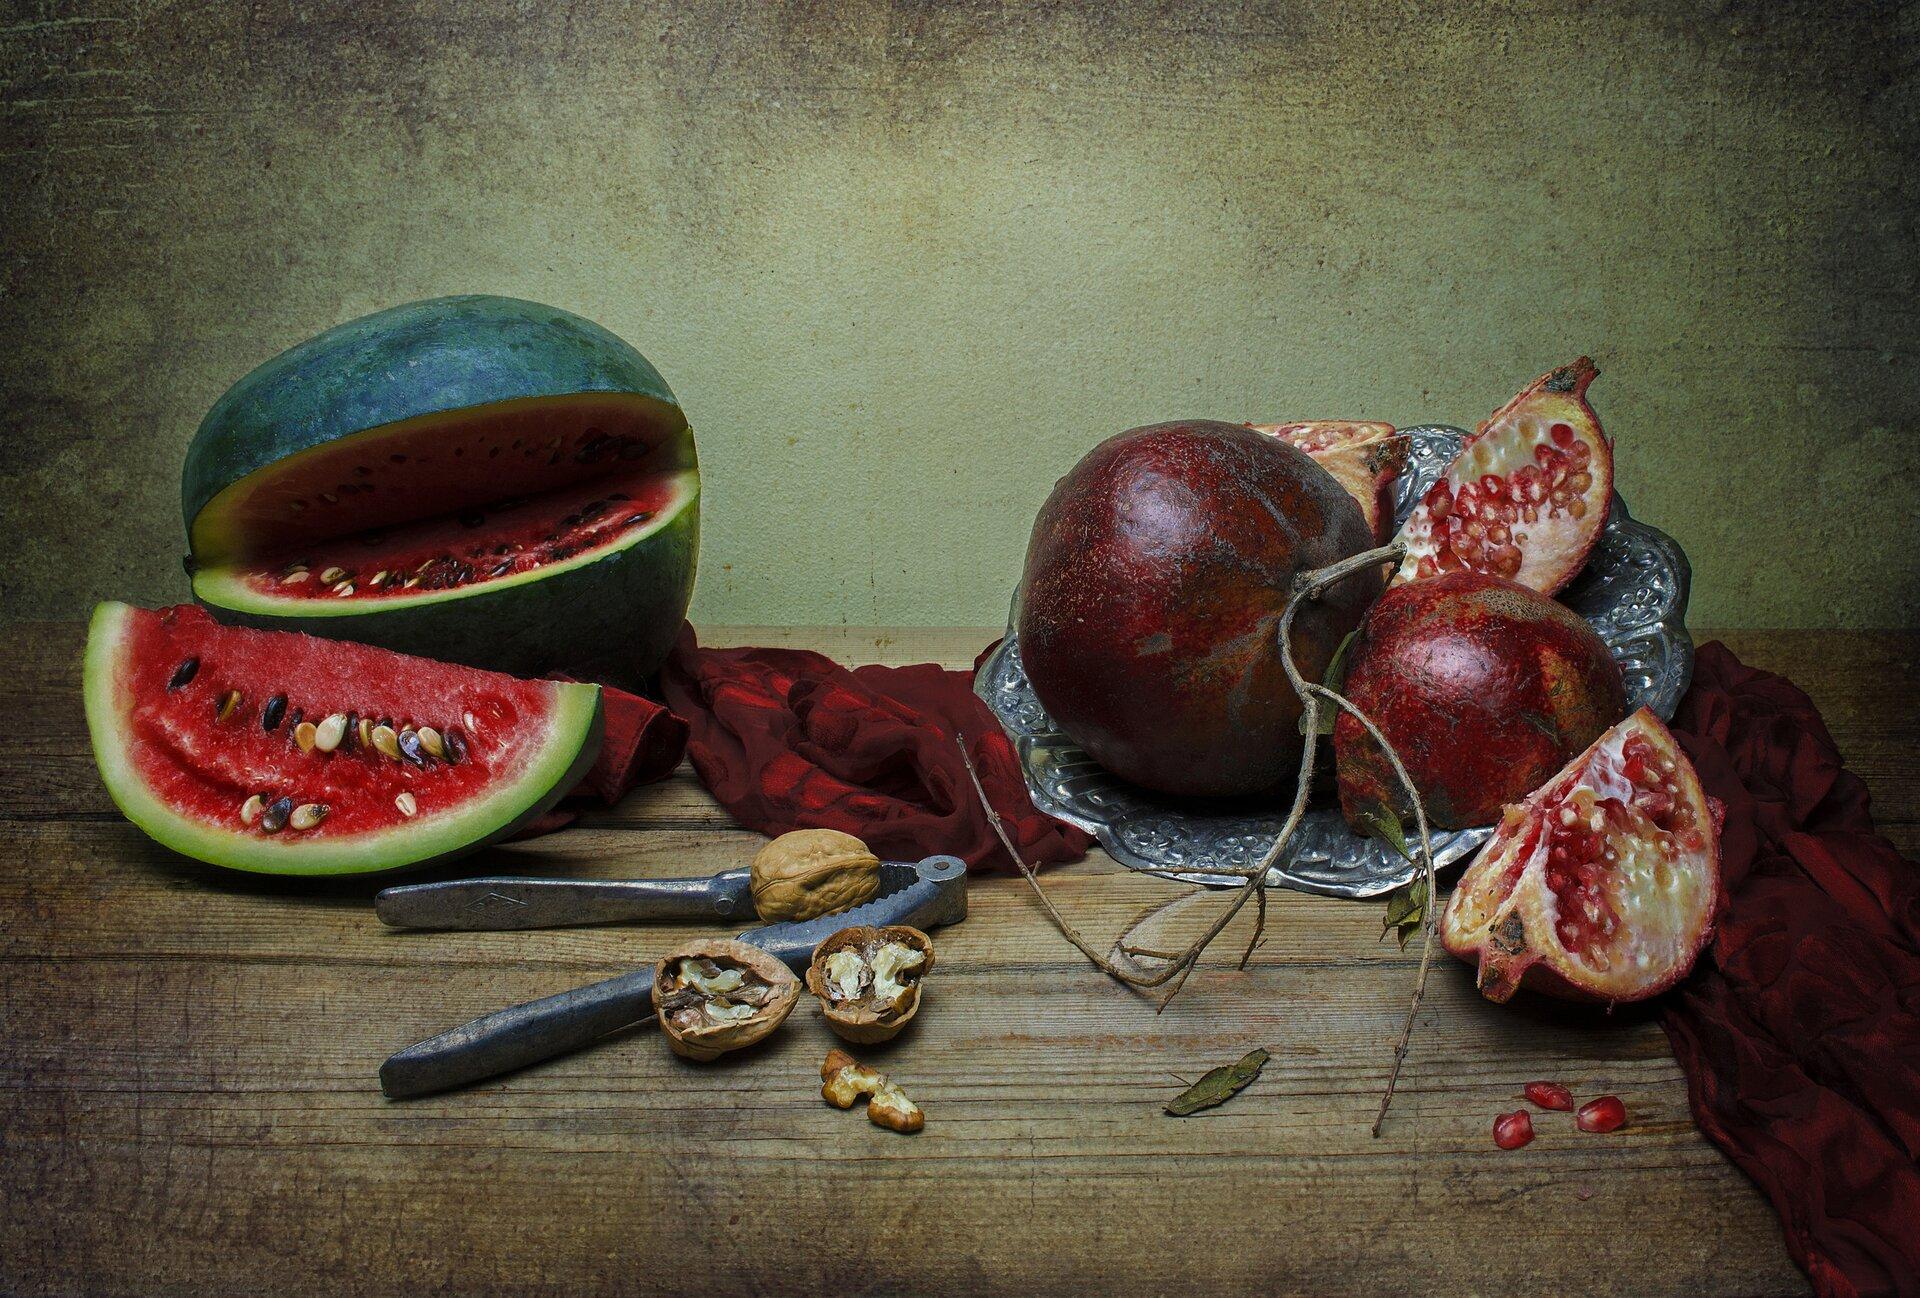 Ilustracja przedstawia zdjęcie martwej natury zowocami. Na drewnianym blacie stołu znajduje się ciemno-zielony arbuz zleżącym przed nim odciętym kawałkiem, oczerwonym miąższu ilicznych dużych pestkach. Po prawej stronie, na czerwonej draperii leży stara, srebrna taca zdrobnym reliefem, na której ułożone są granaty. Obok całego owocu znajdują się ćwiartki, zodkrytymi czerwonymi pestkami, ciasno ułożonymi wjasnym mięsistym miąższu. Trzy znich leży na blacie stołu. Pomiędzy arbuzem agranatami, wcentrum fotografii znajduje się przyrząd do łupania orzechów zjednym całym orzechem oraz drugim rozłupanym obok. Martwa natura ustawiona została na tle zielono-szarej ściany. Fotografia utrzymana jest wwąskiej, ciemnej gamie barw zakcentem ciemnych, soczystych czerwieni.